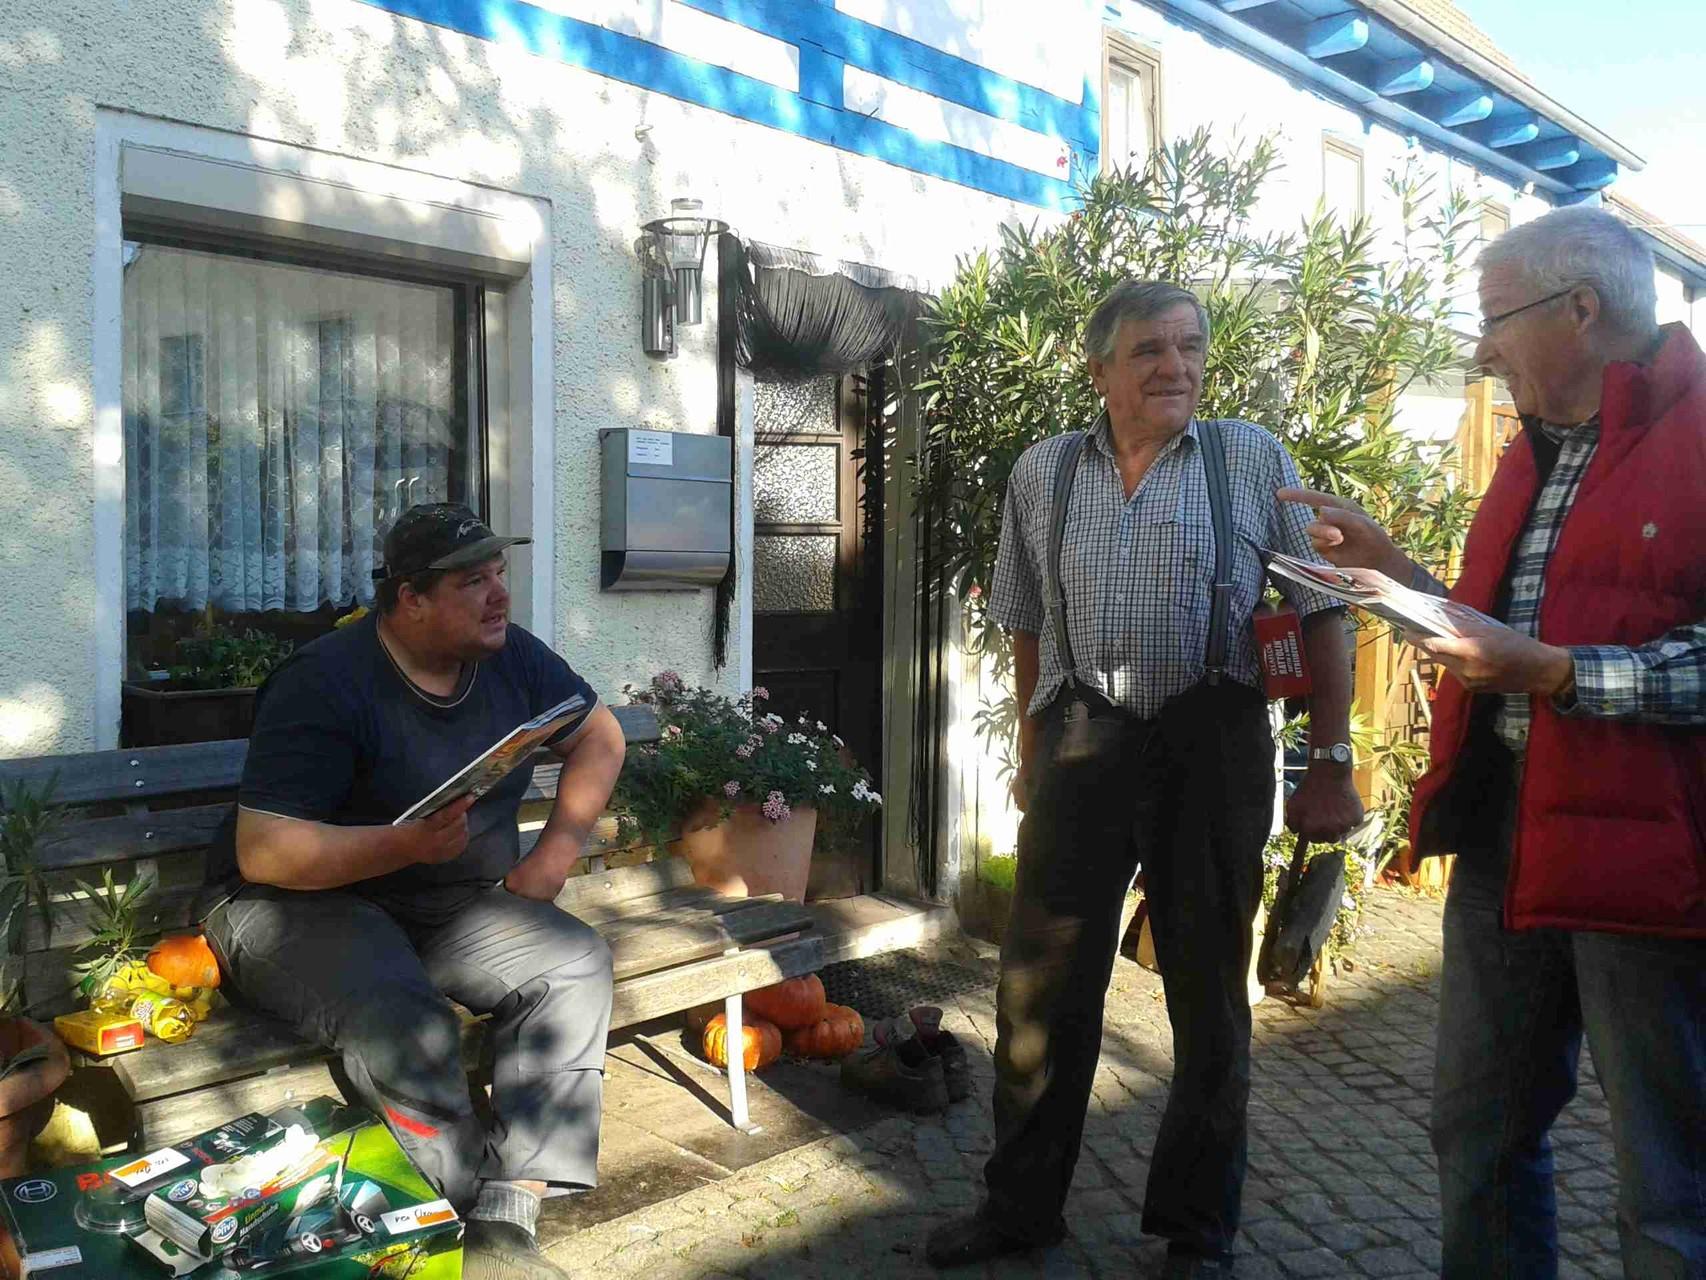 Seltene Momente der Ruhe - Jung-Bauer Karl  Oese in Männer-Diskussion zu aktuellen Problemen